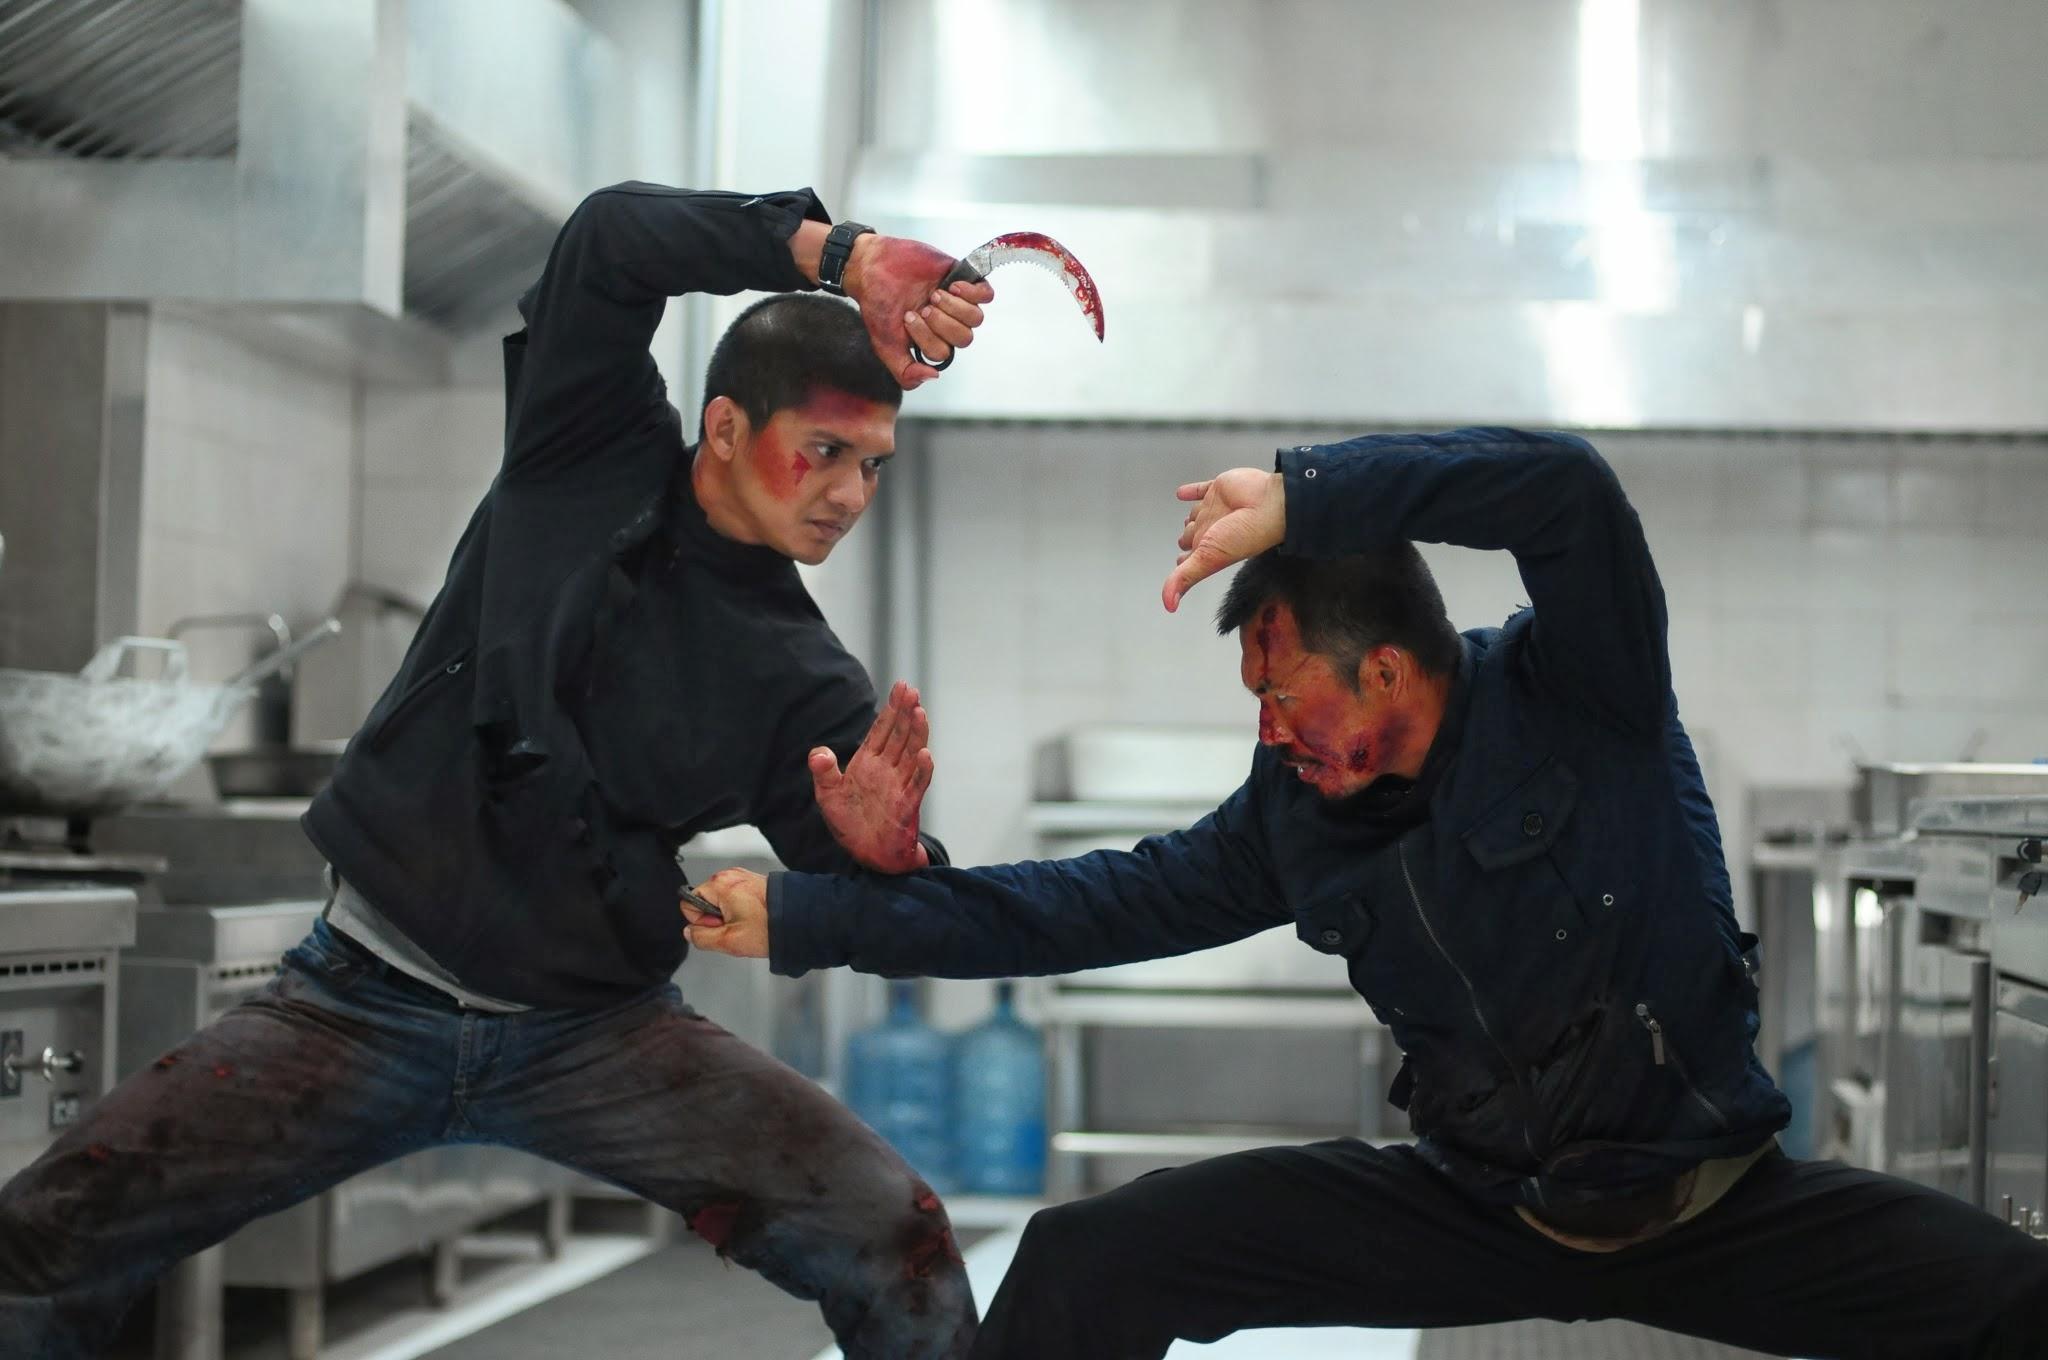 Melhores Filmes de Ação de 2014 - Operação Invasão 2